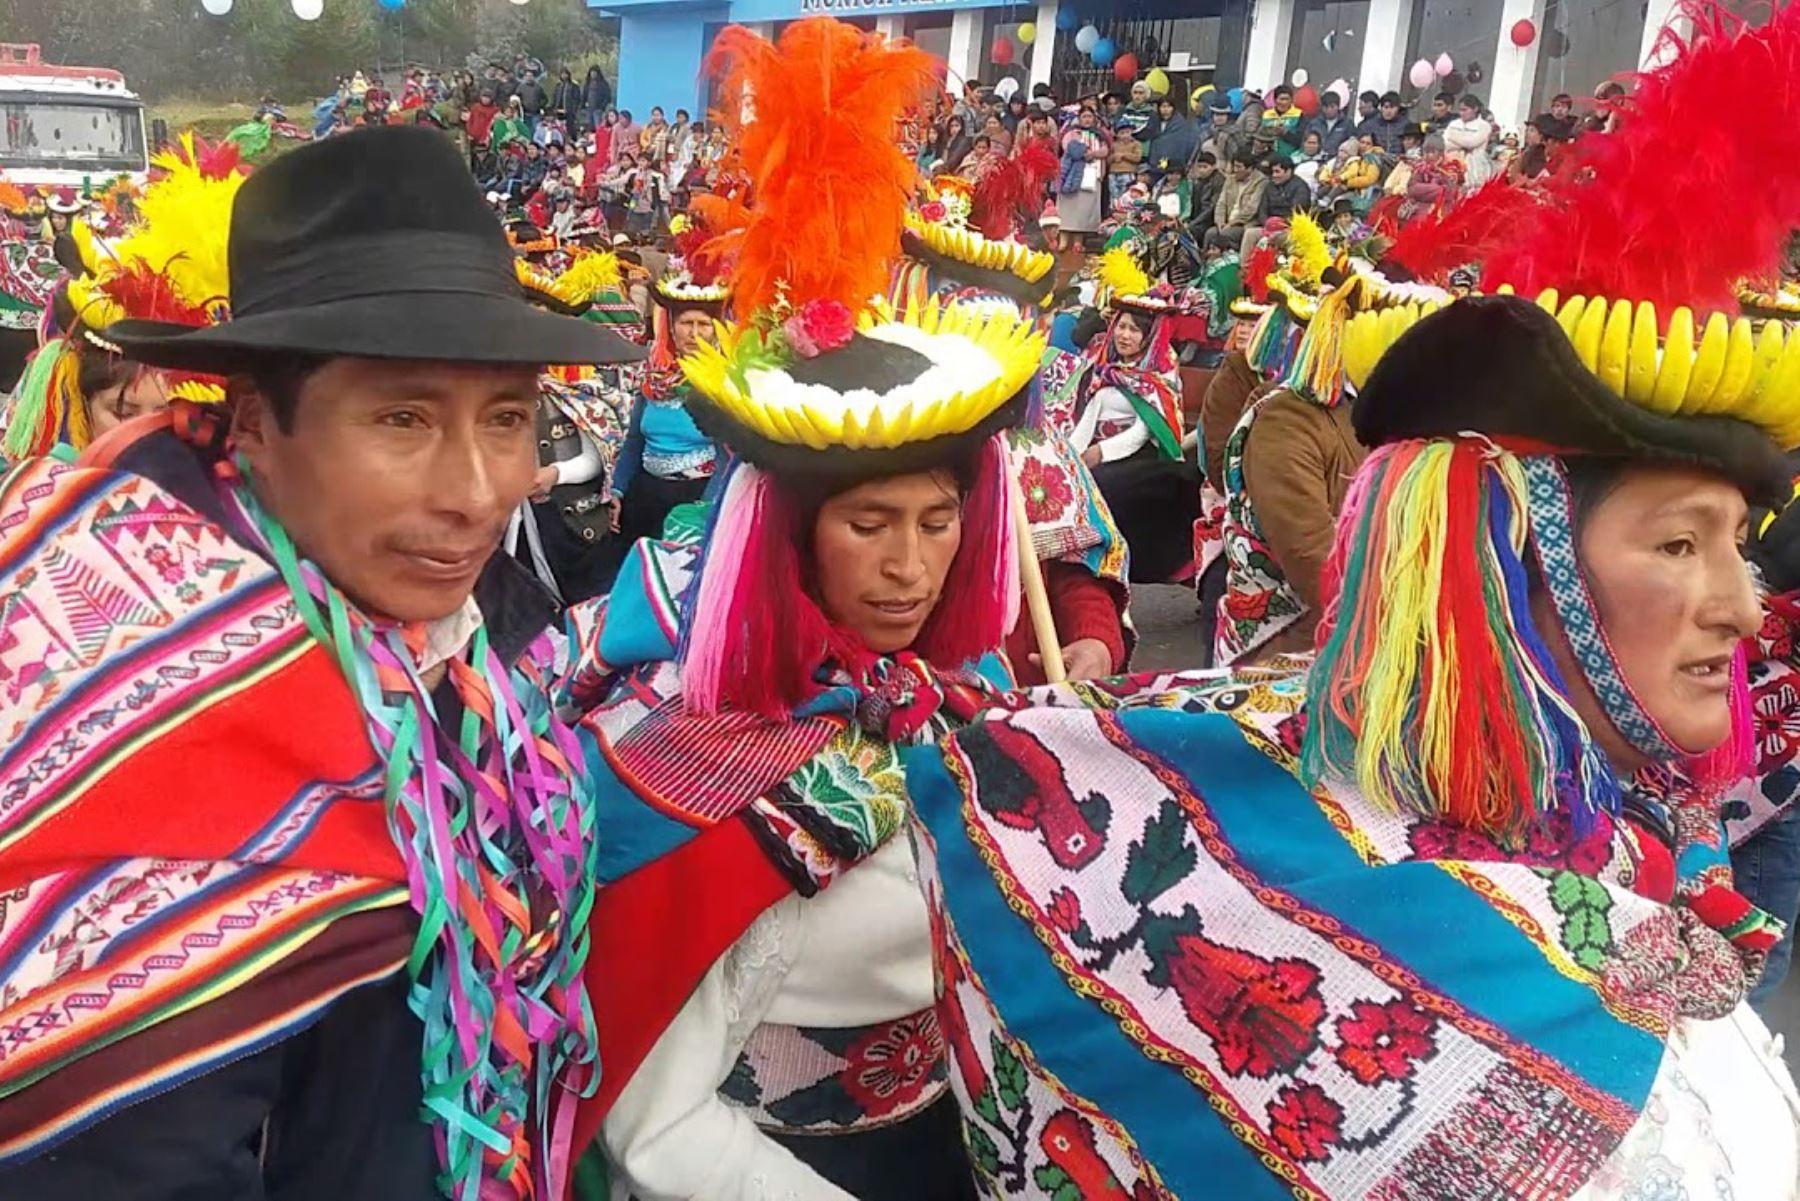 Carnaval De Patambuco En Puno Ya Es Patrimonio Cultural De La Nación Noticias Agencia Peruana De Noticias Andina